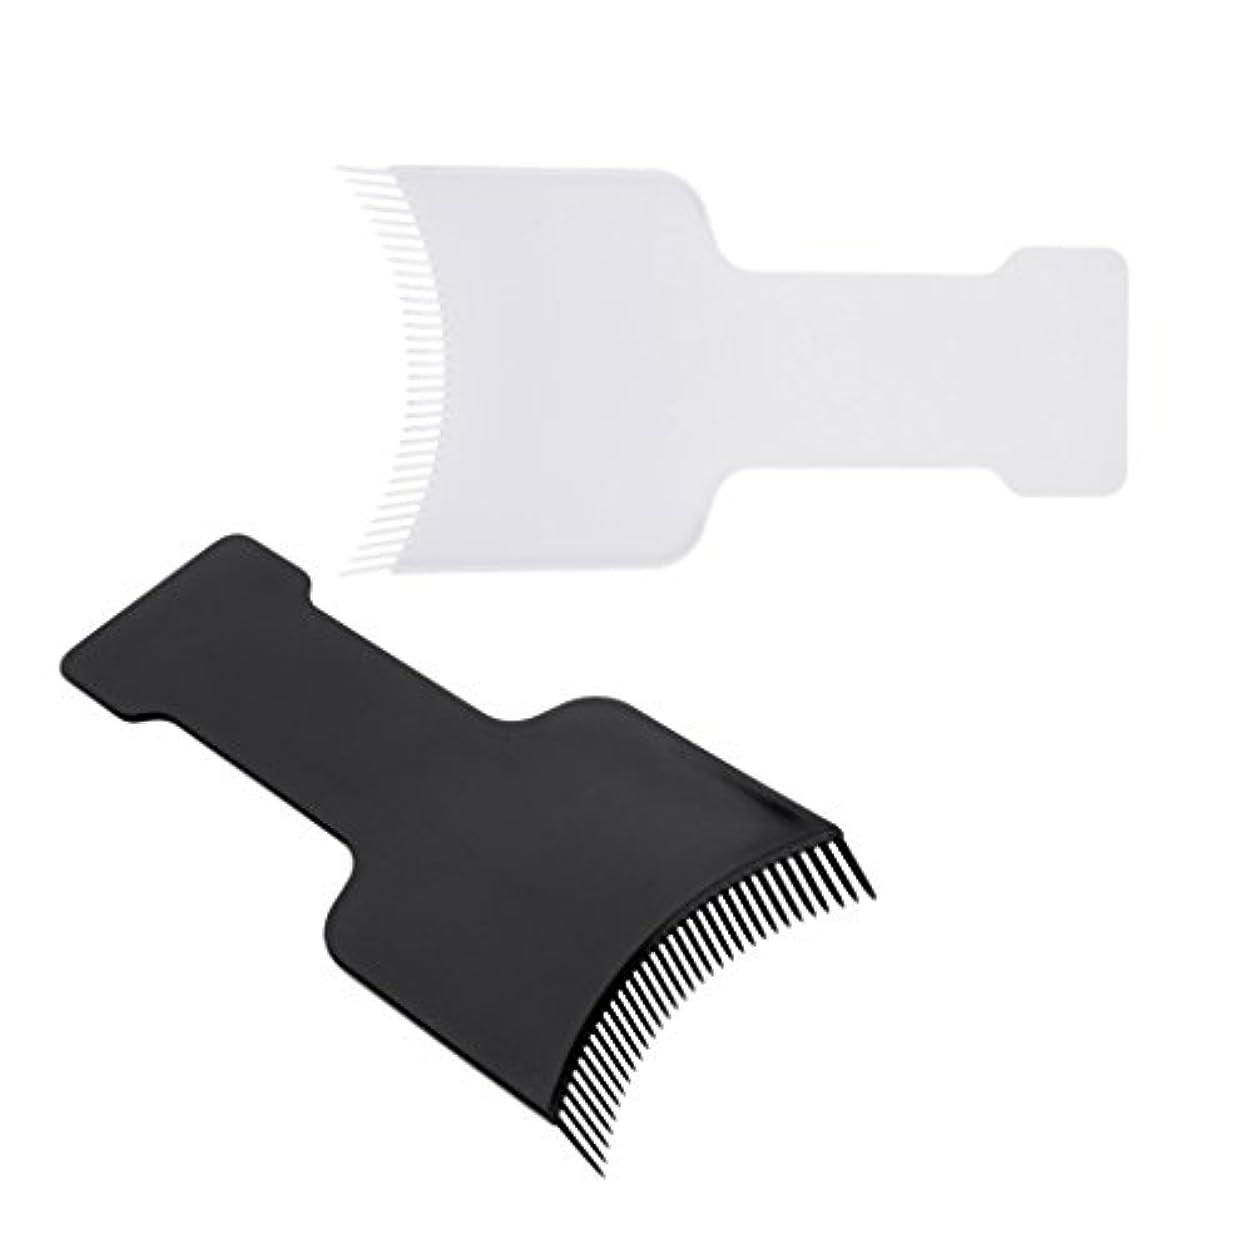 変更可能海洋のプライム2本サロンヘアカラーボードヘアカラーティント美容ヘアツール